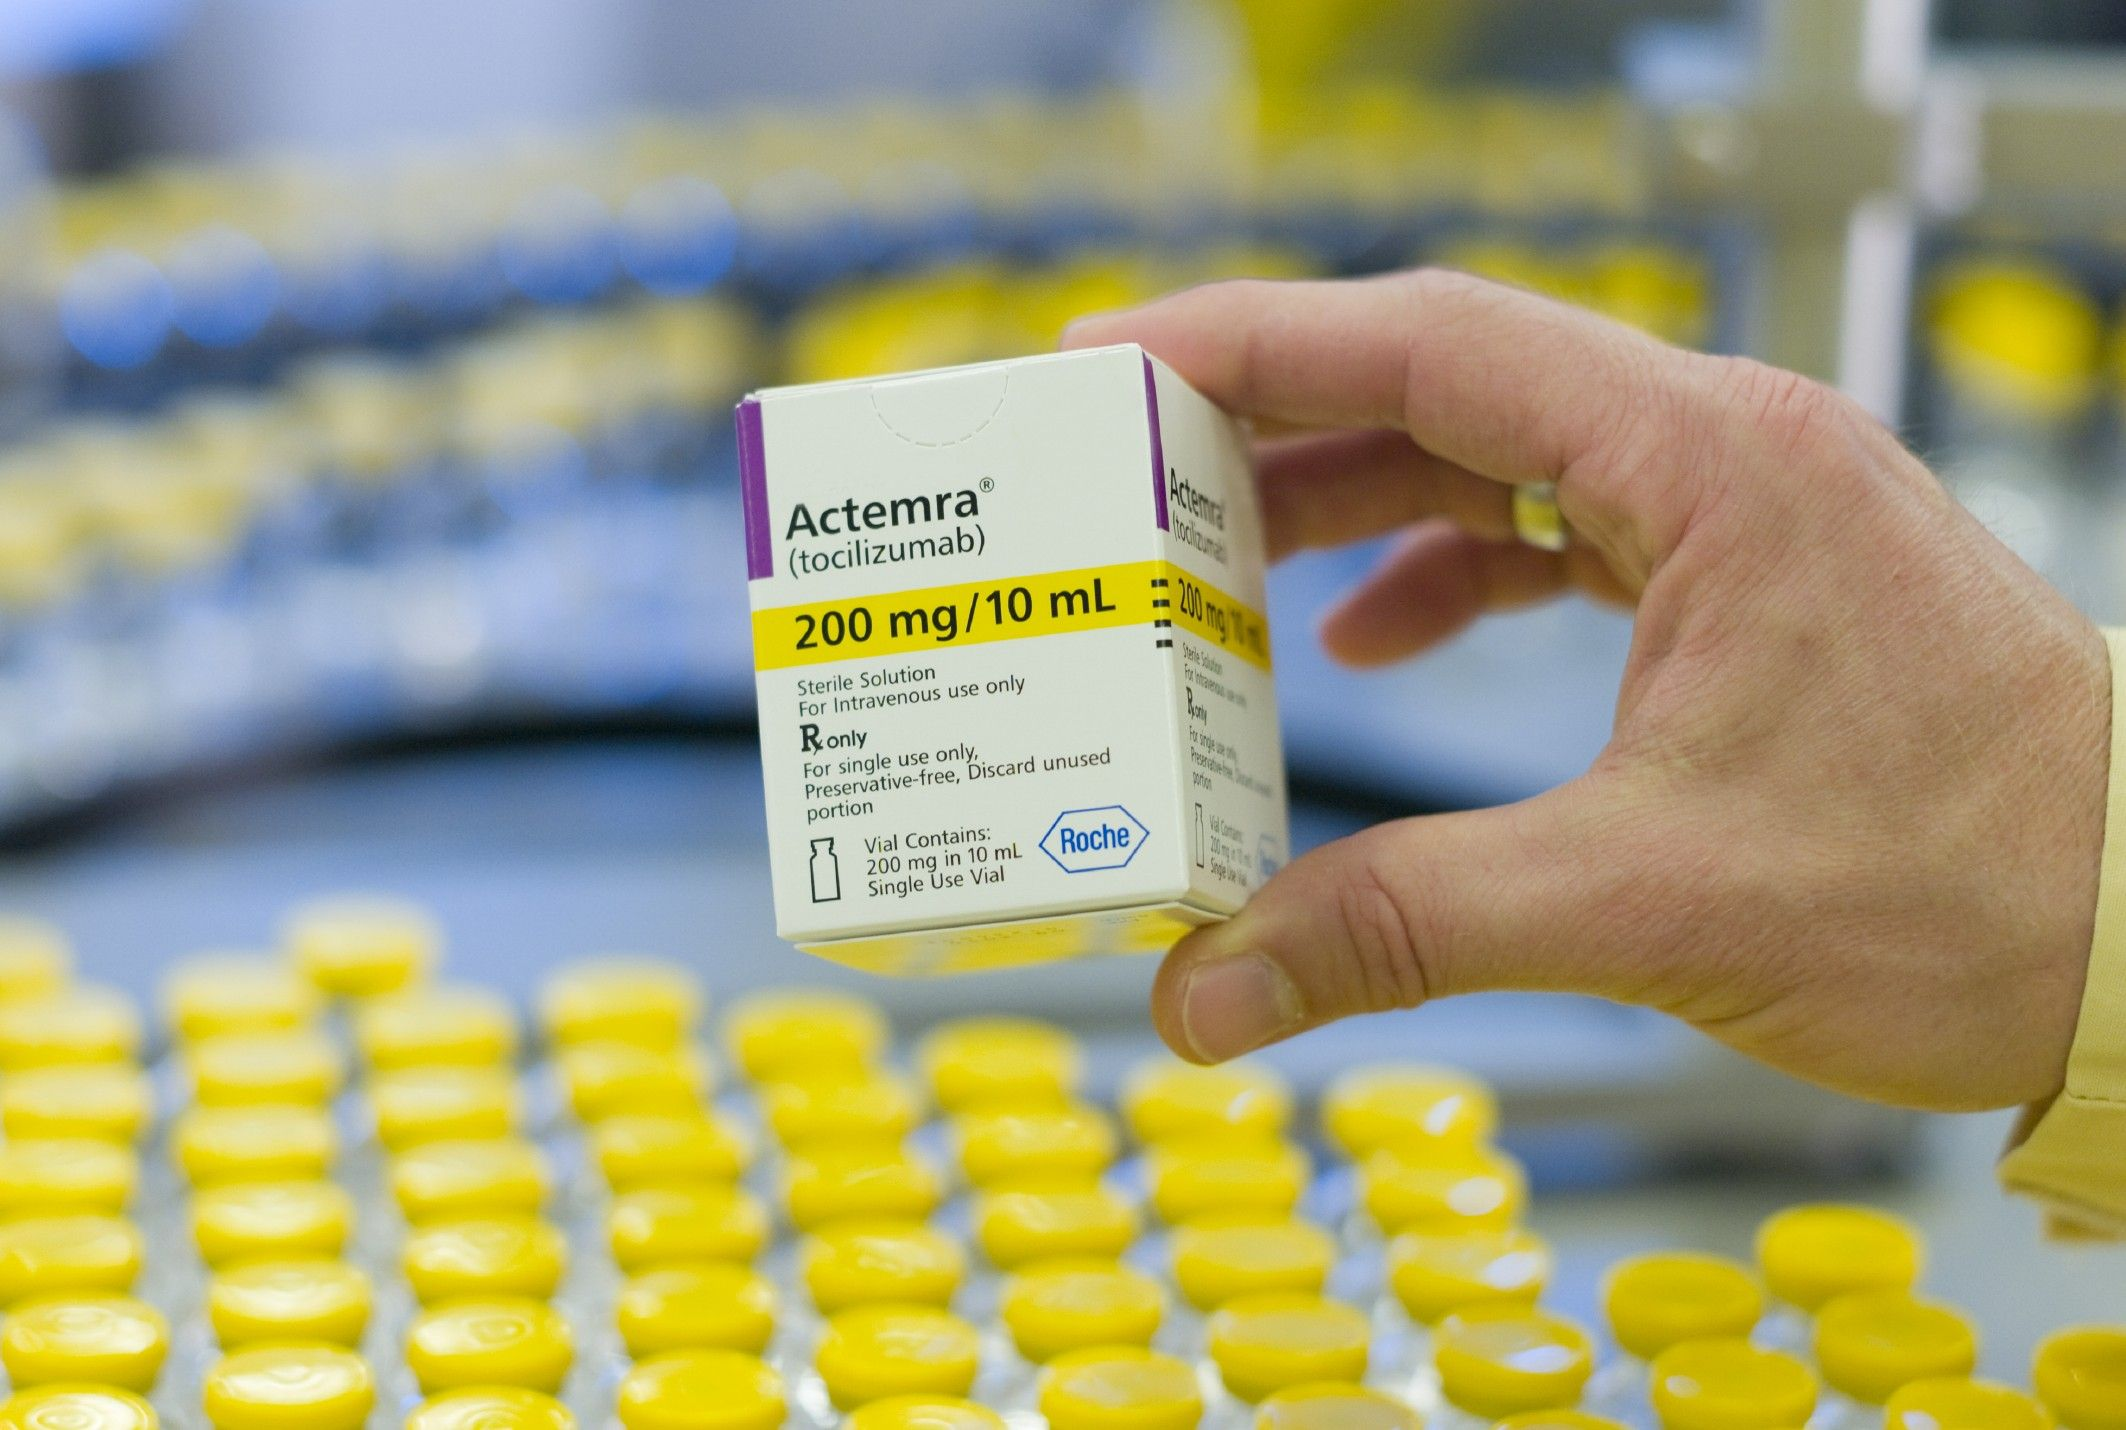 Brand Actemra Generic tocilizumab Indication Rheumatoid